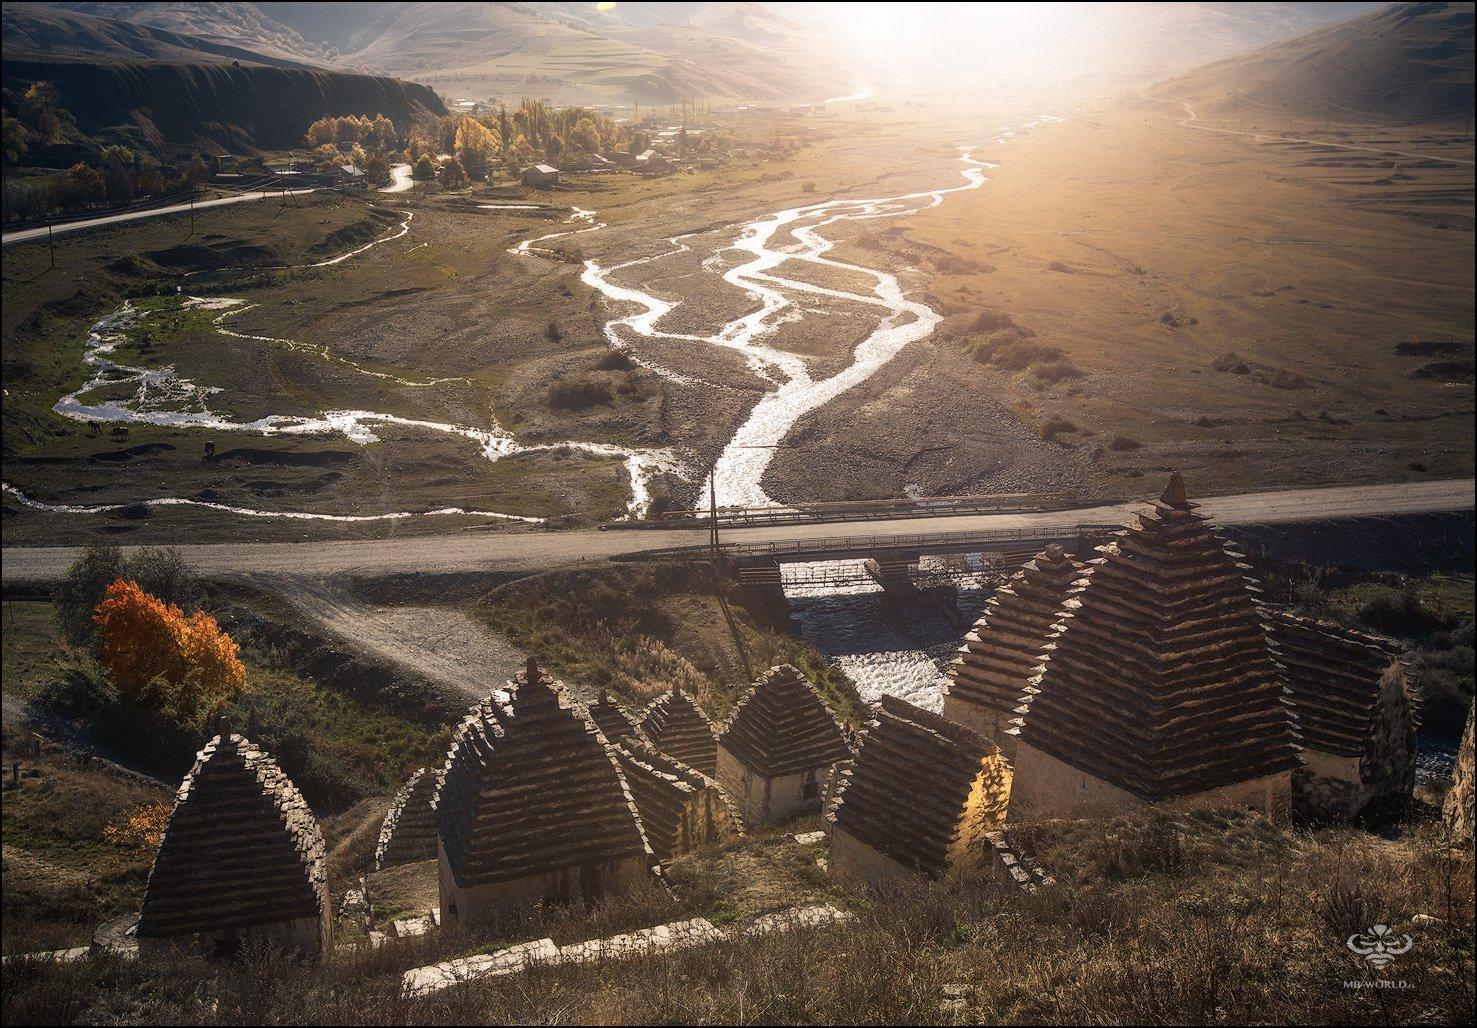 Россия, Северная Осетия, Даргвас, город мертвых, Mikhail Vorobyev